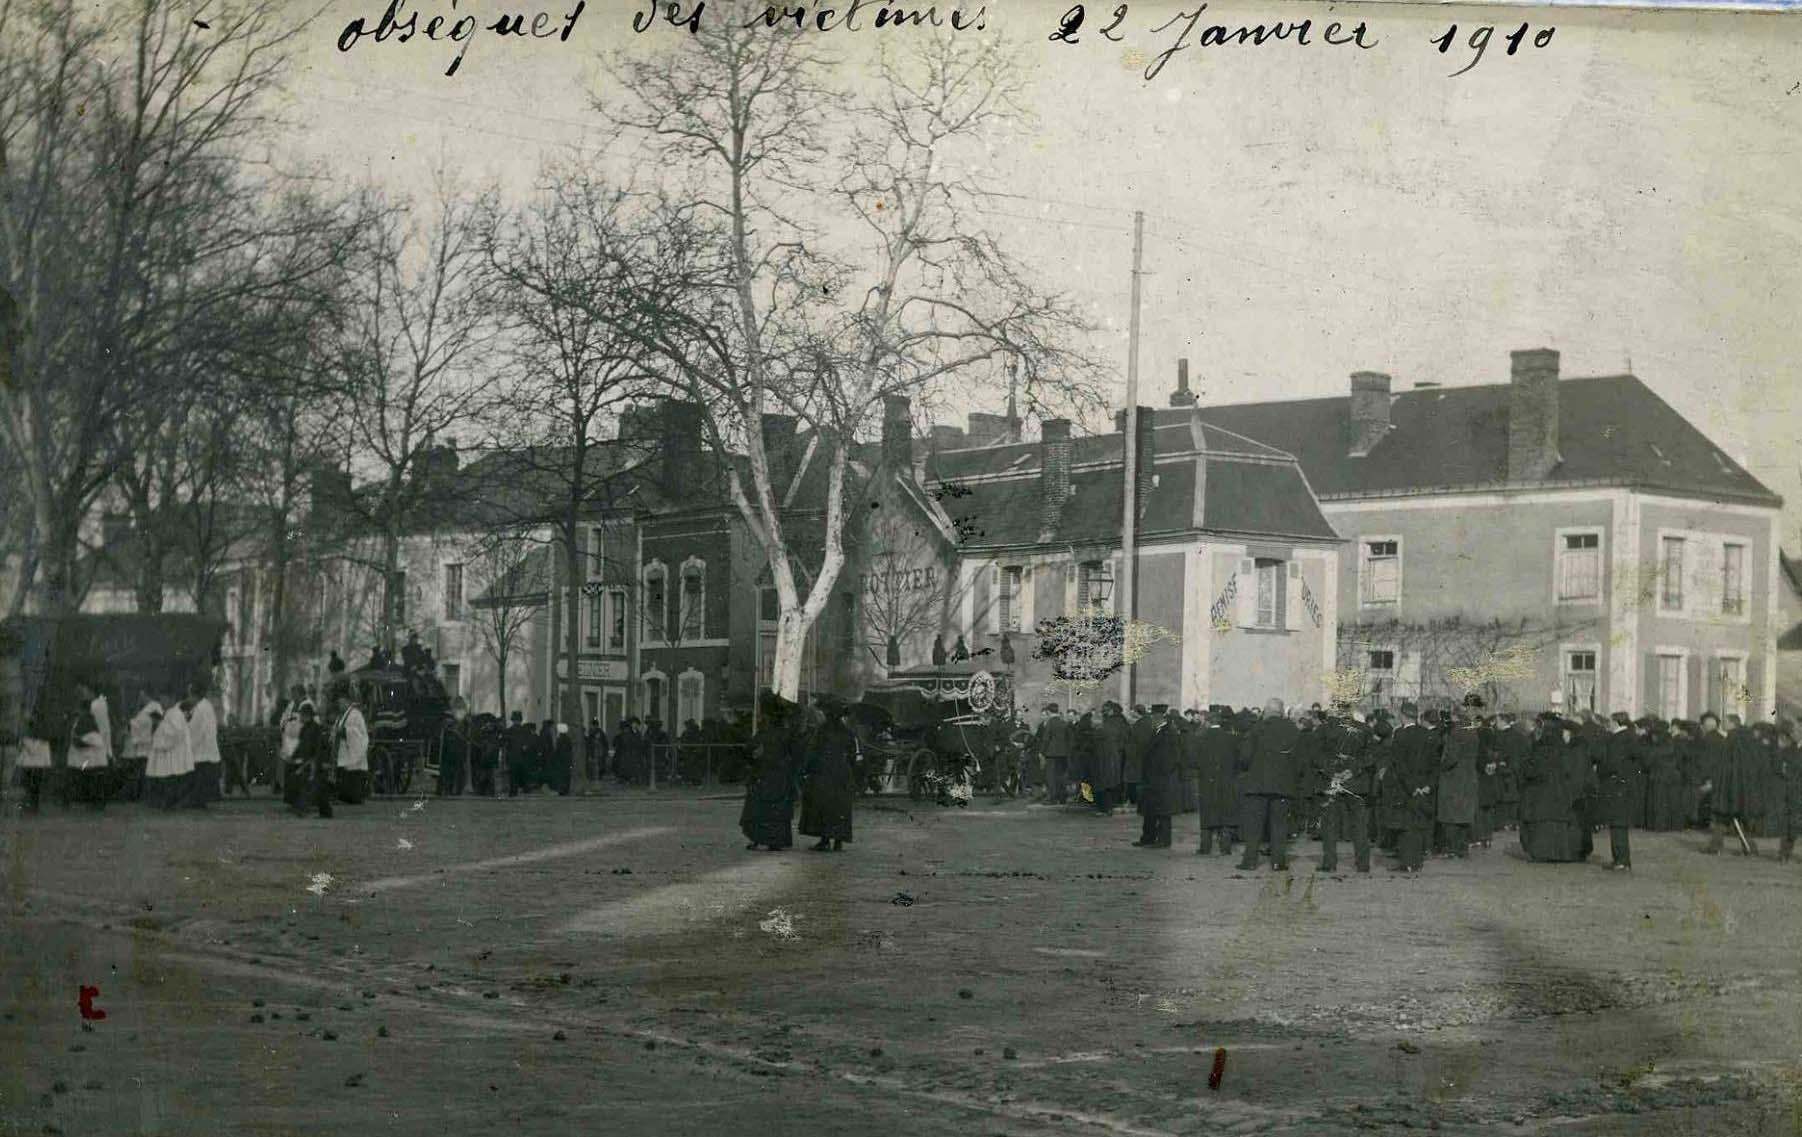 Mamers - Accident du tramway à vapeur le 20 janvier 1910 - Obsèques des victimes le 22 janvier 1910 (Michèle Ligot Robinet)